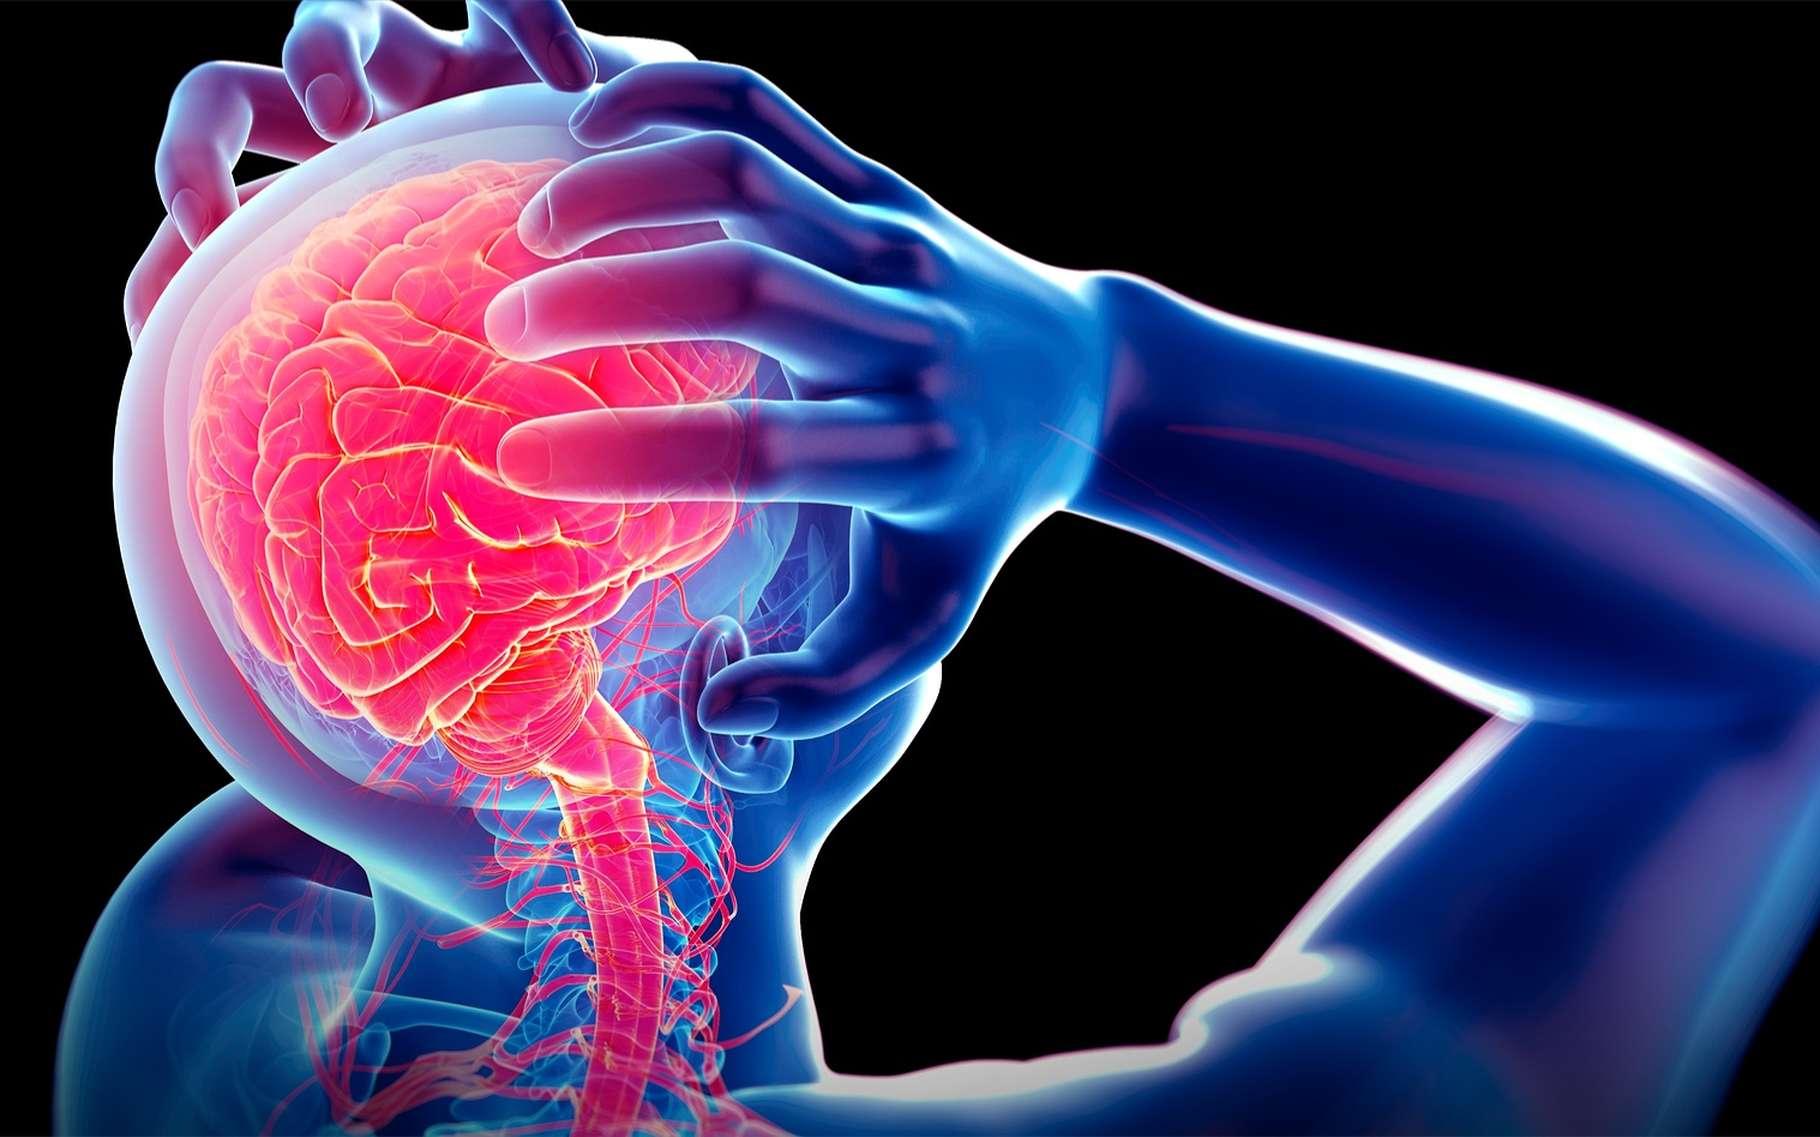 La dépression semble associée à un état inflammatoire du cerveau. © Sebastian Kaulitzki, Shutterstock